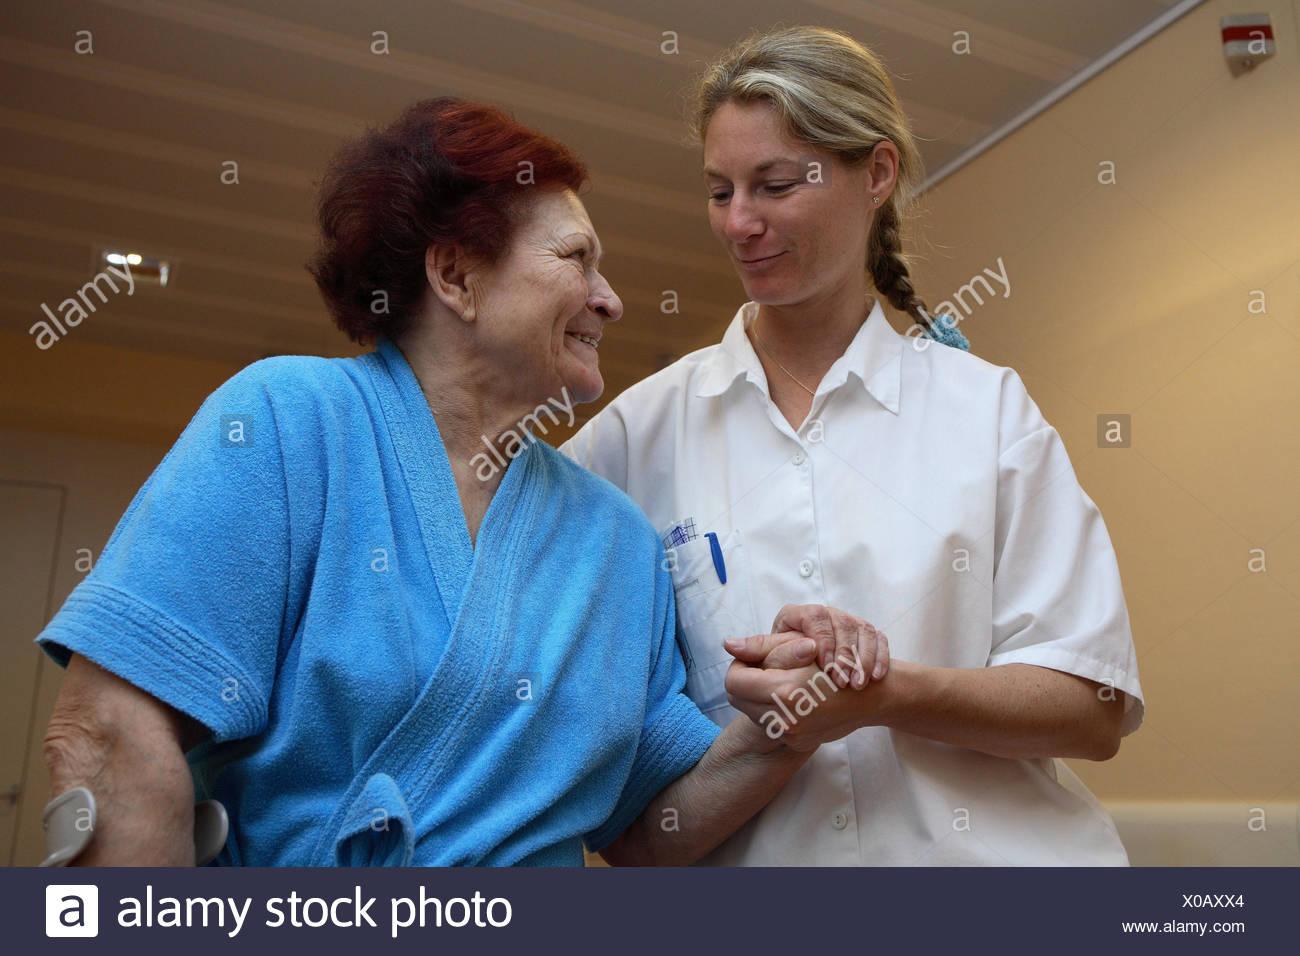 Clinique, physiothérapeute, patient, senior, de béquilles, de plomb, de la marche pratique, aide, contact visuel, sourire, portrait, demi-station de la personne malade, Ward, l'occupation, une maison de soins infirmiers, soins infirmiers, professions, les femmes, les deux, les vieux, les personnes âgées, peignoir, soins infirmiers-misère, qui ont besoin de soins, de Reha, infirmière, infirmière, soins infirmiers, soins infirmiers, la pratique, la force, l'orientation, le soutien, support, aide, allocation, soins, soins, convalescense, la guérison, la confiance, l'accompagnement, la gratitude, l'intérieur, Photo Stock